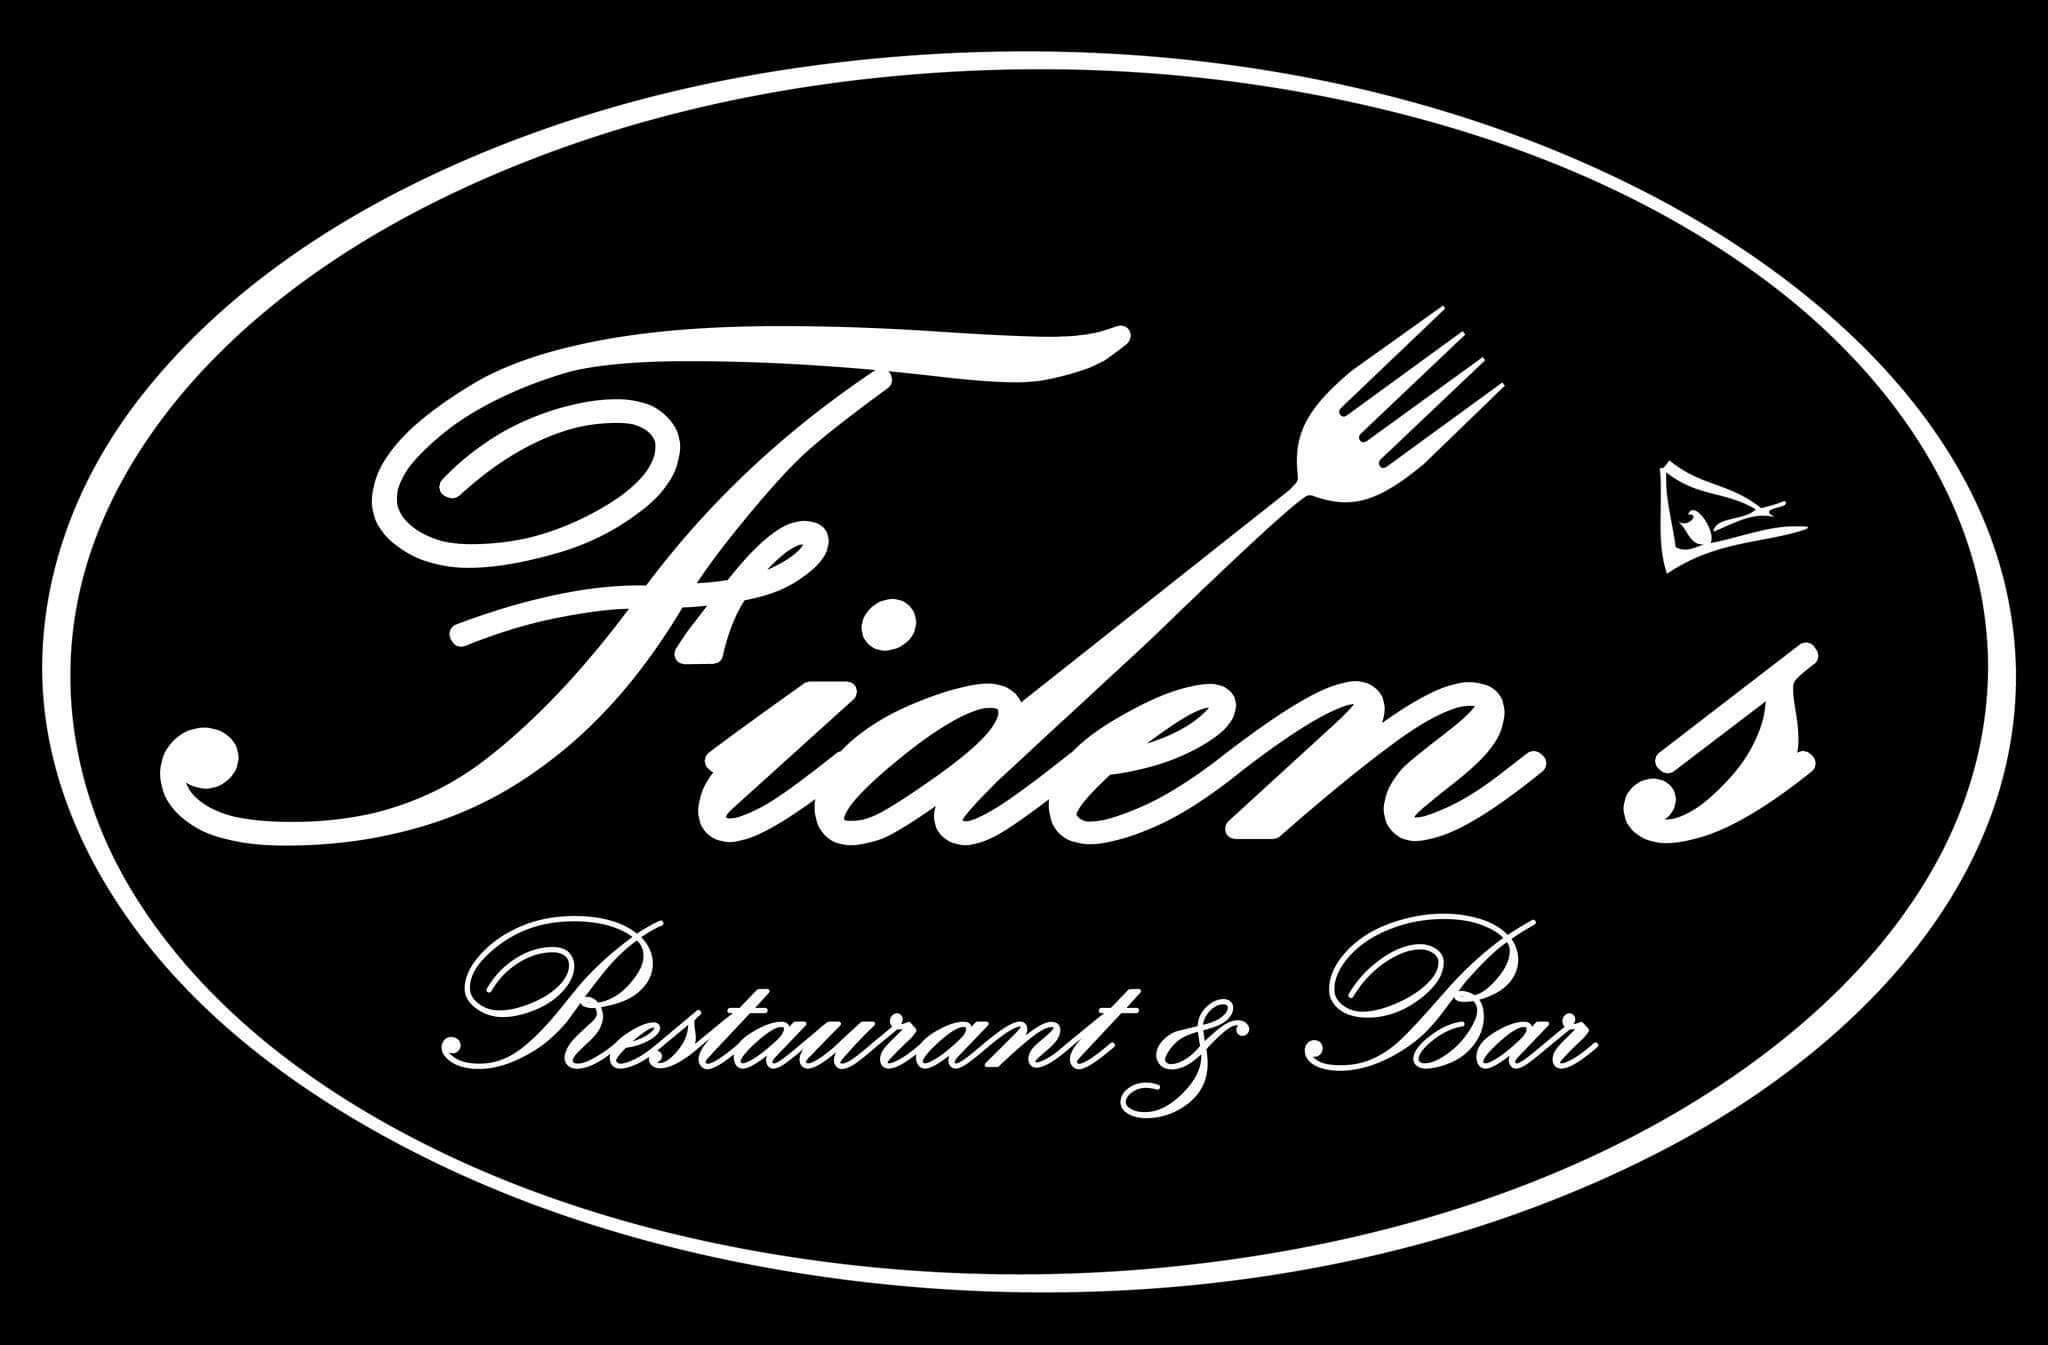 Fidens Restaurante y Bar